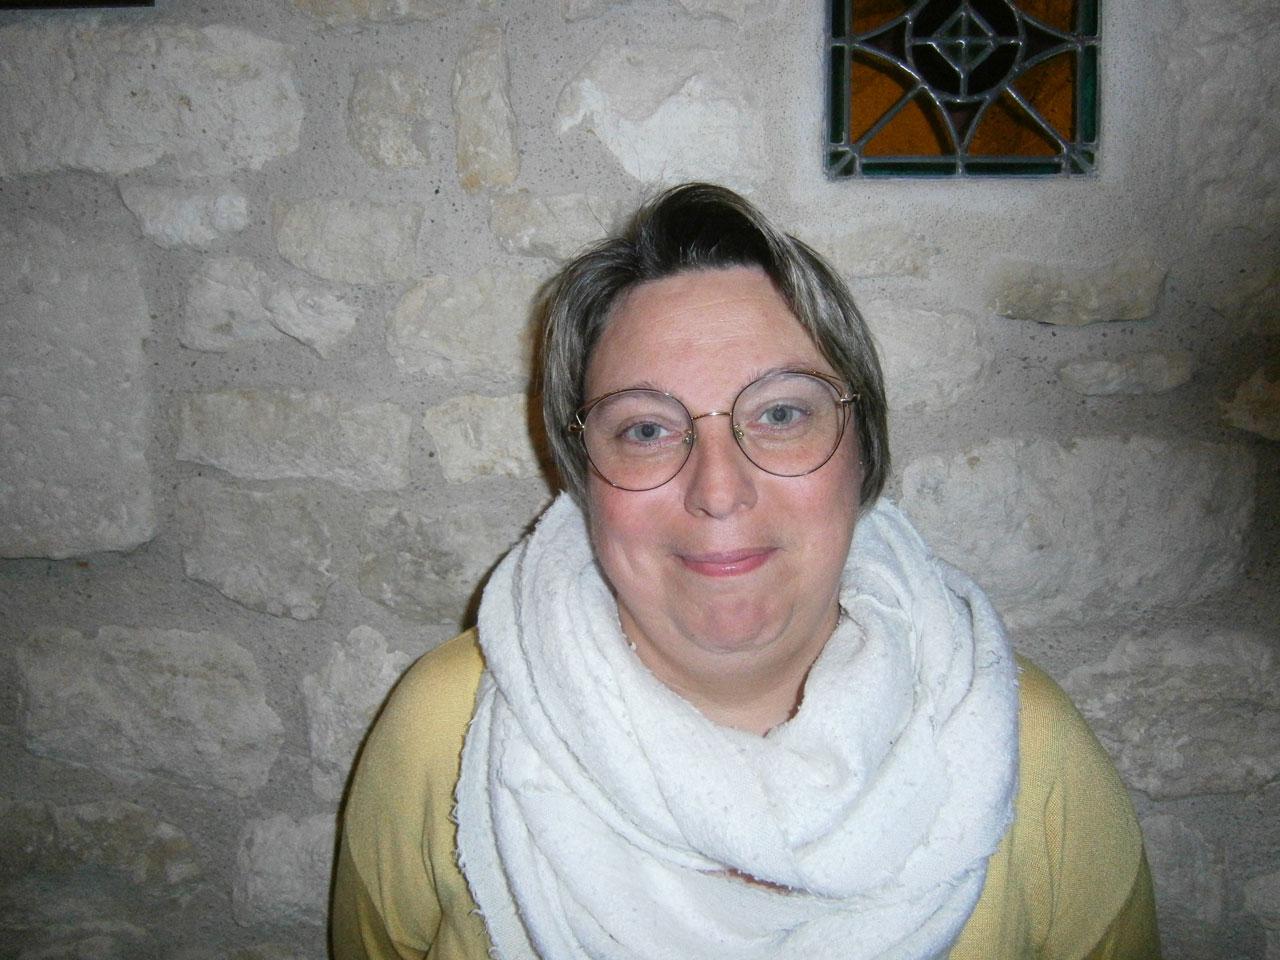 MISSAULT Marie-Pierre